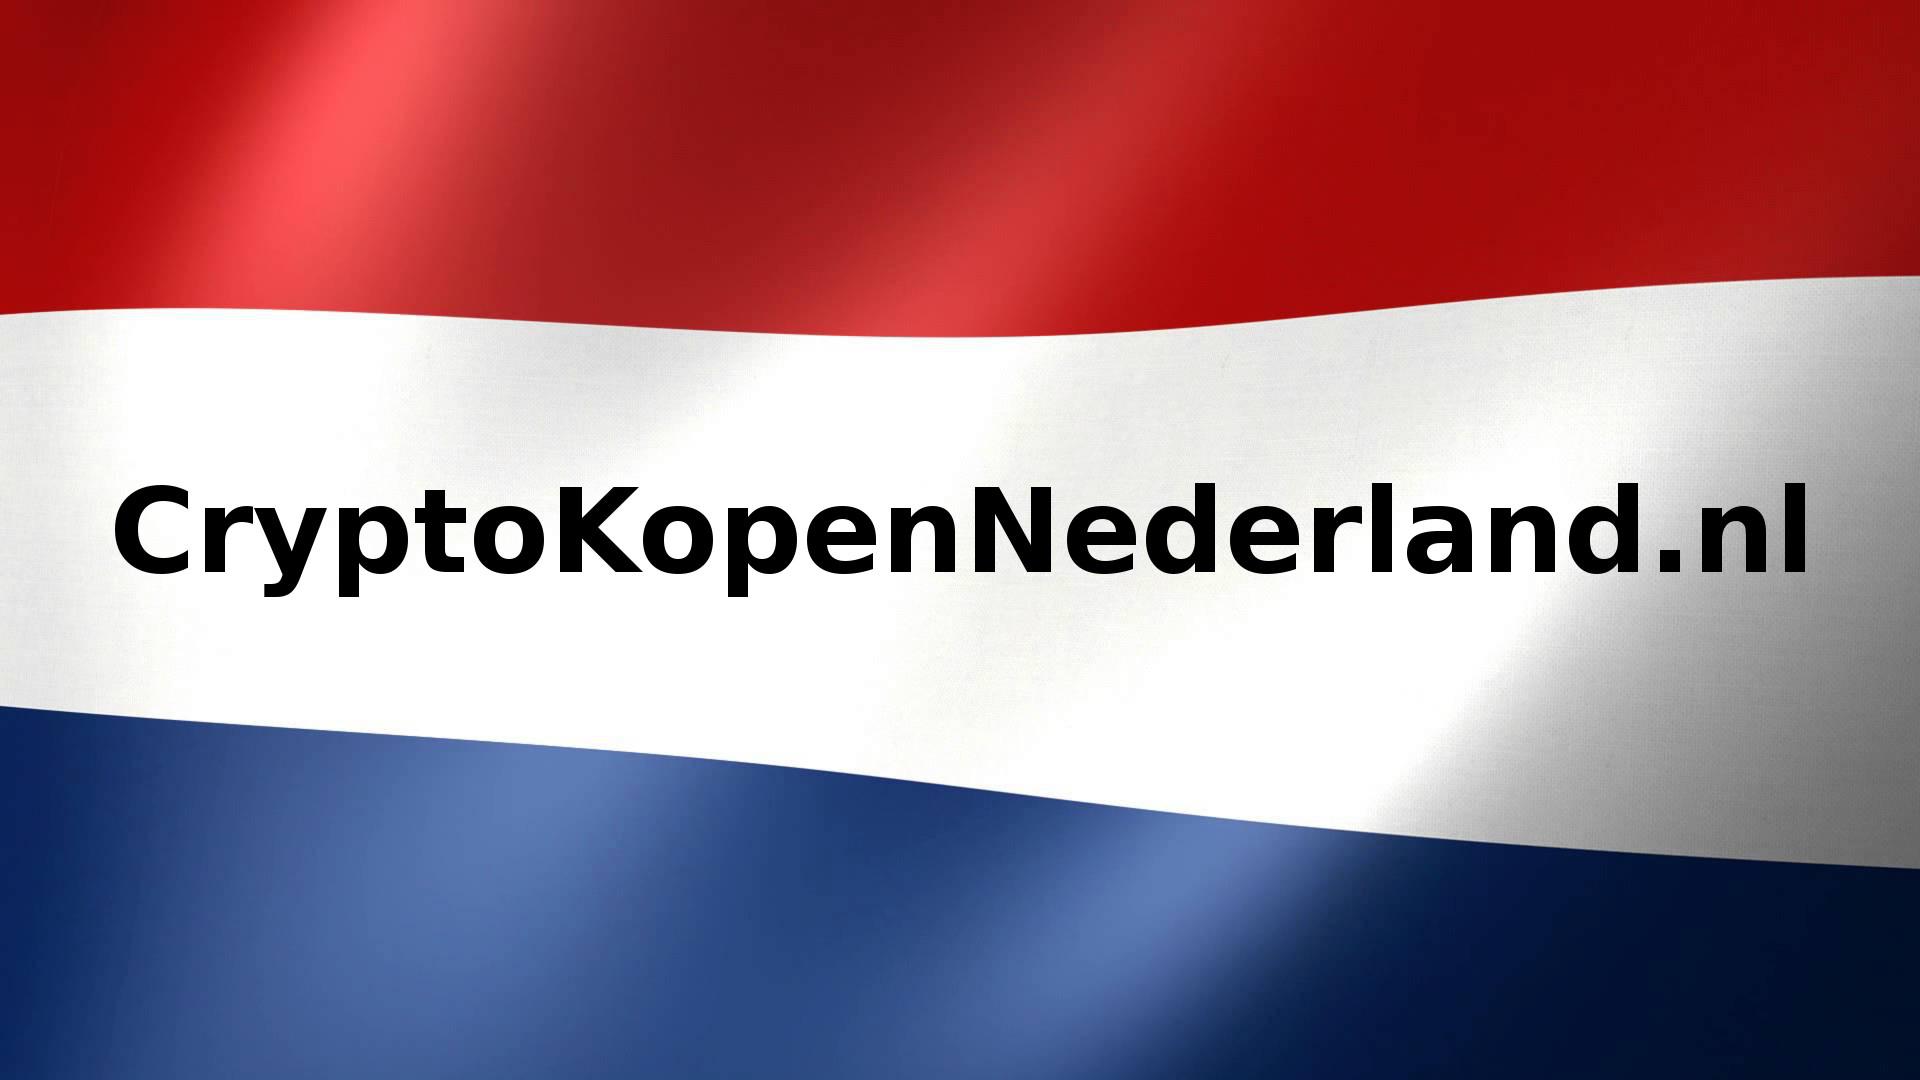 Crypto Kopen Nederland - Hoe en waar cryptocurrencies kopen in Nederland.to-kopen-nederland-logo